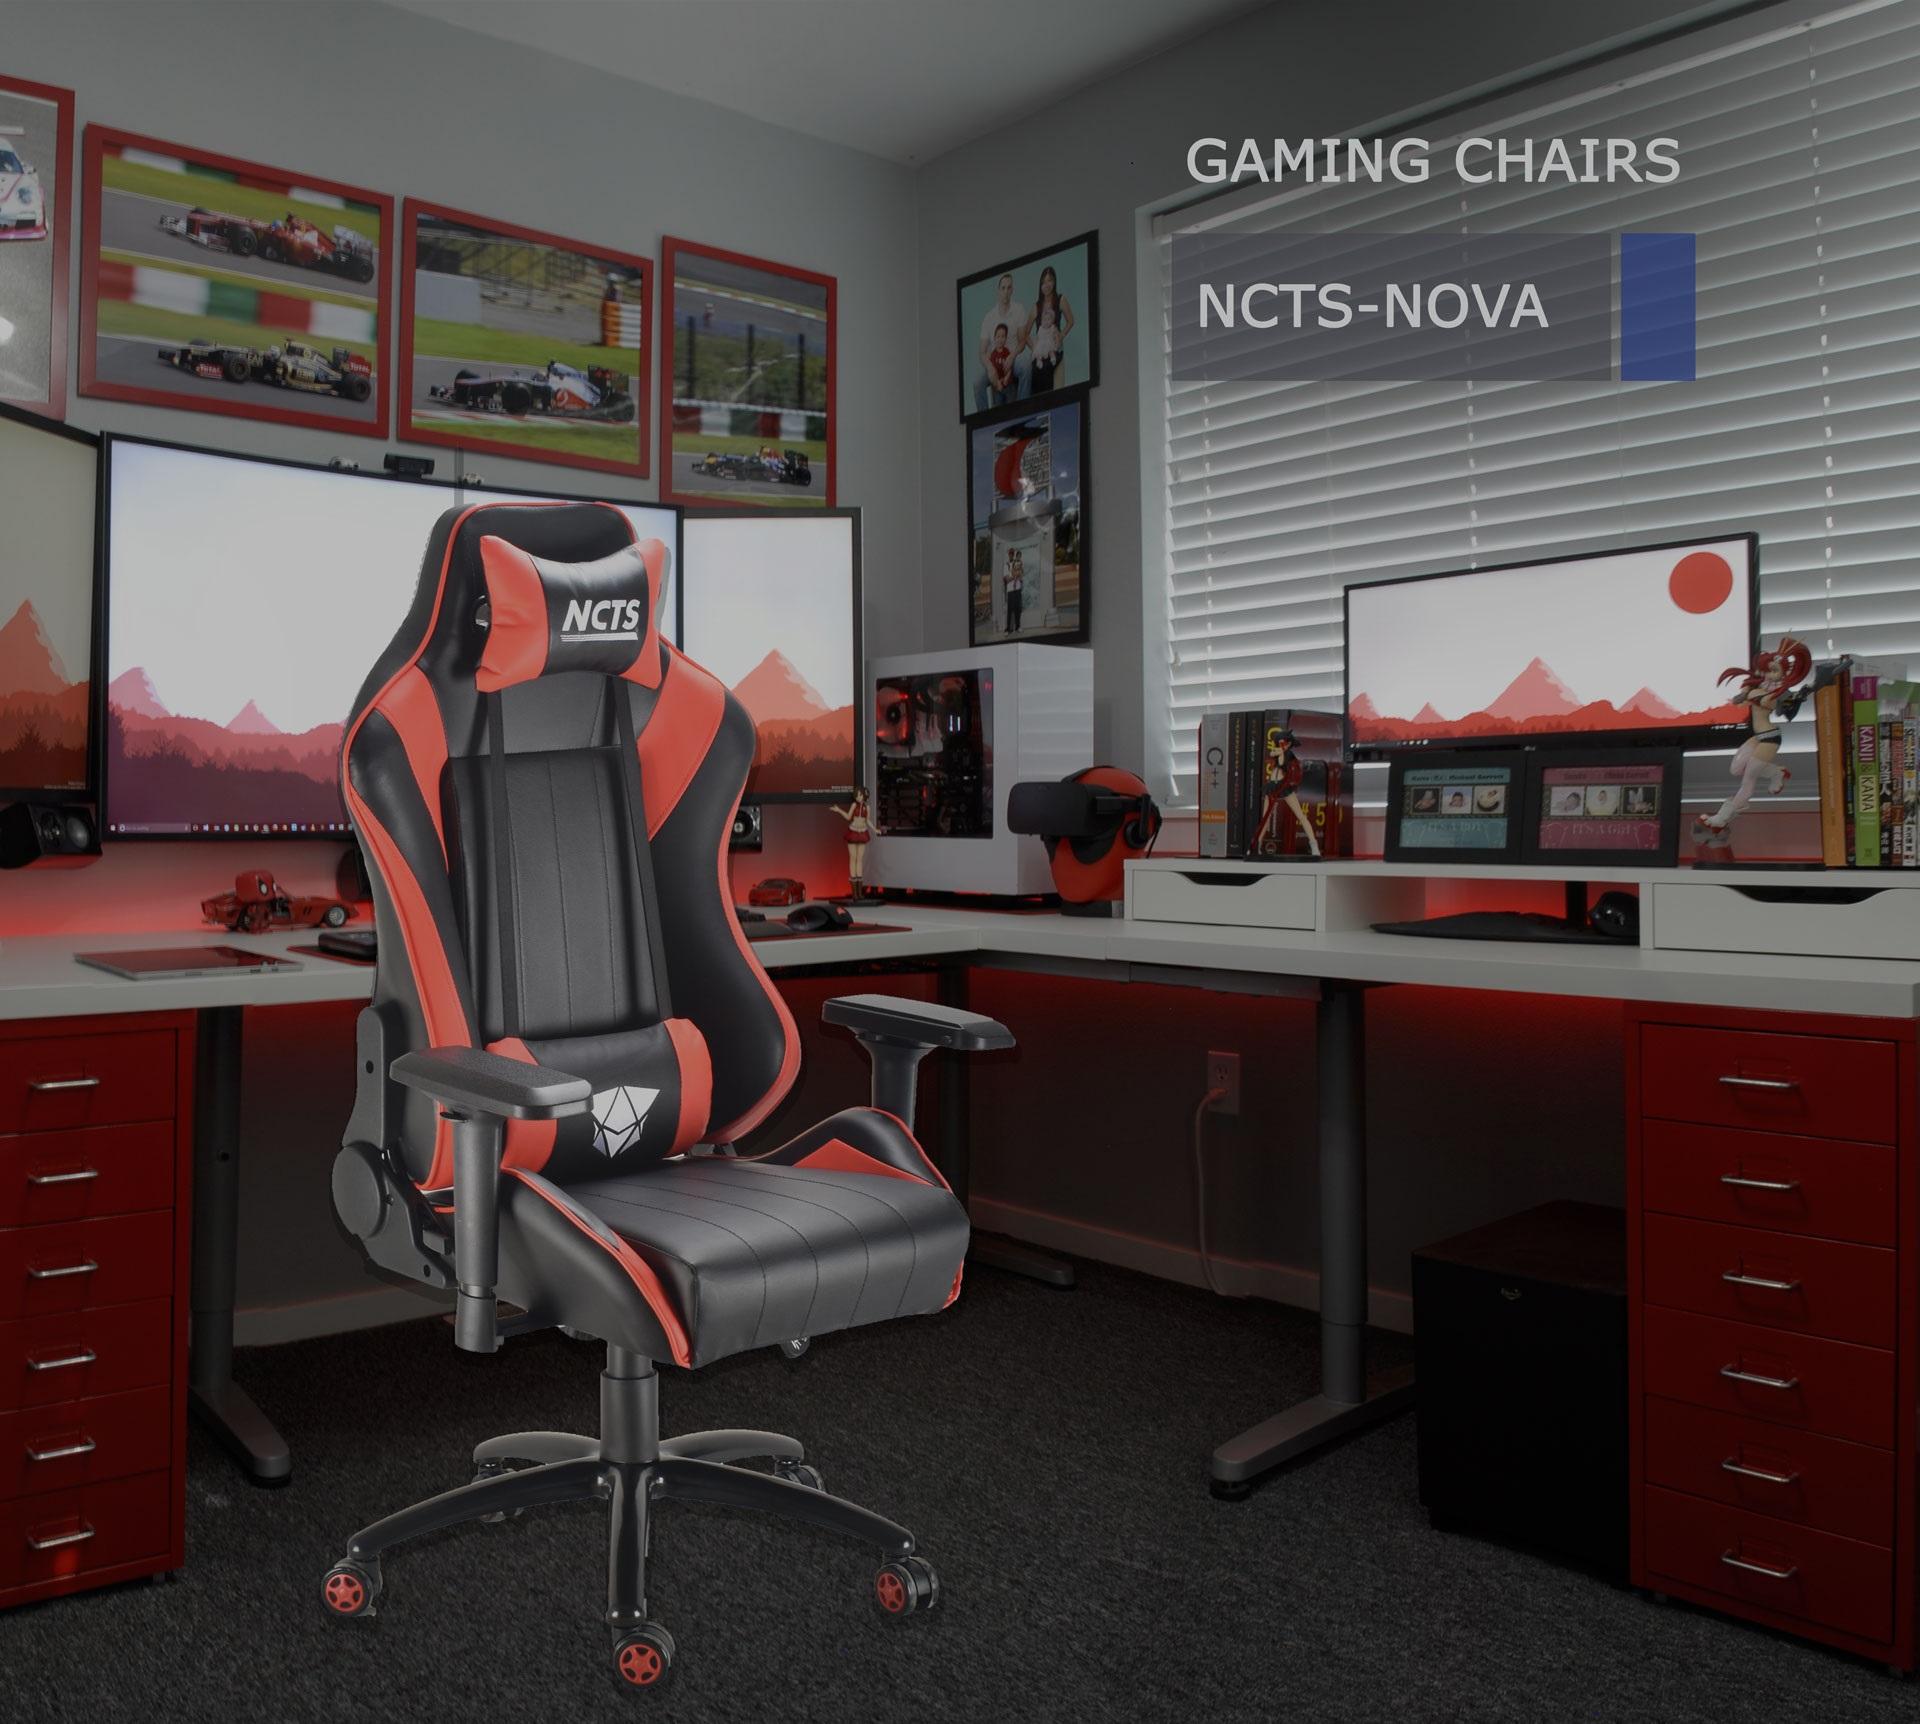 NCTS-NOVA